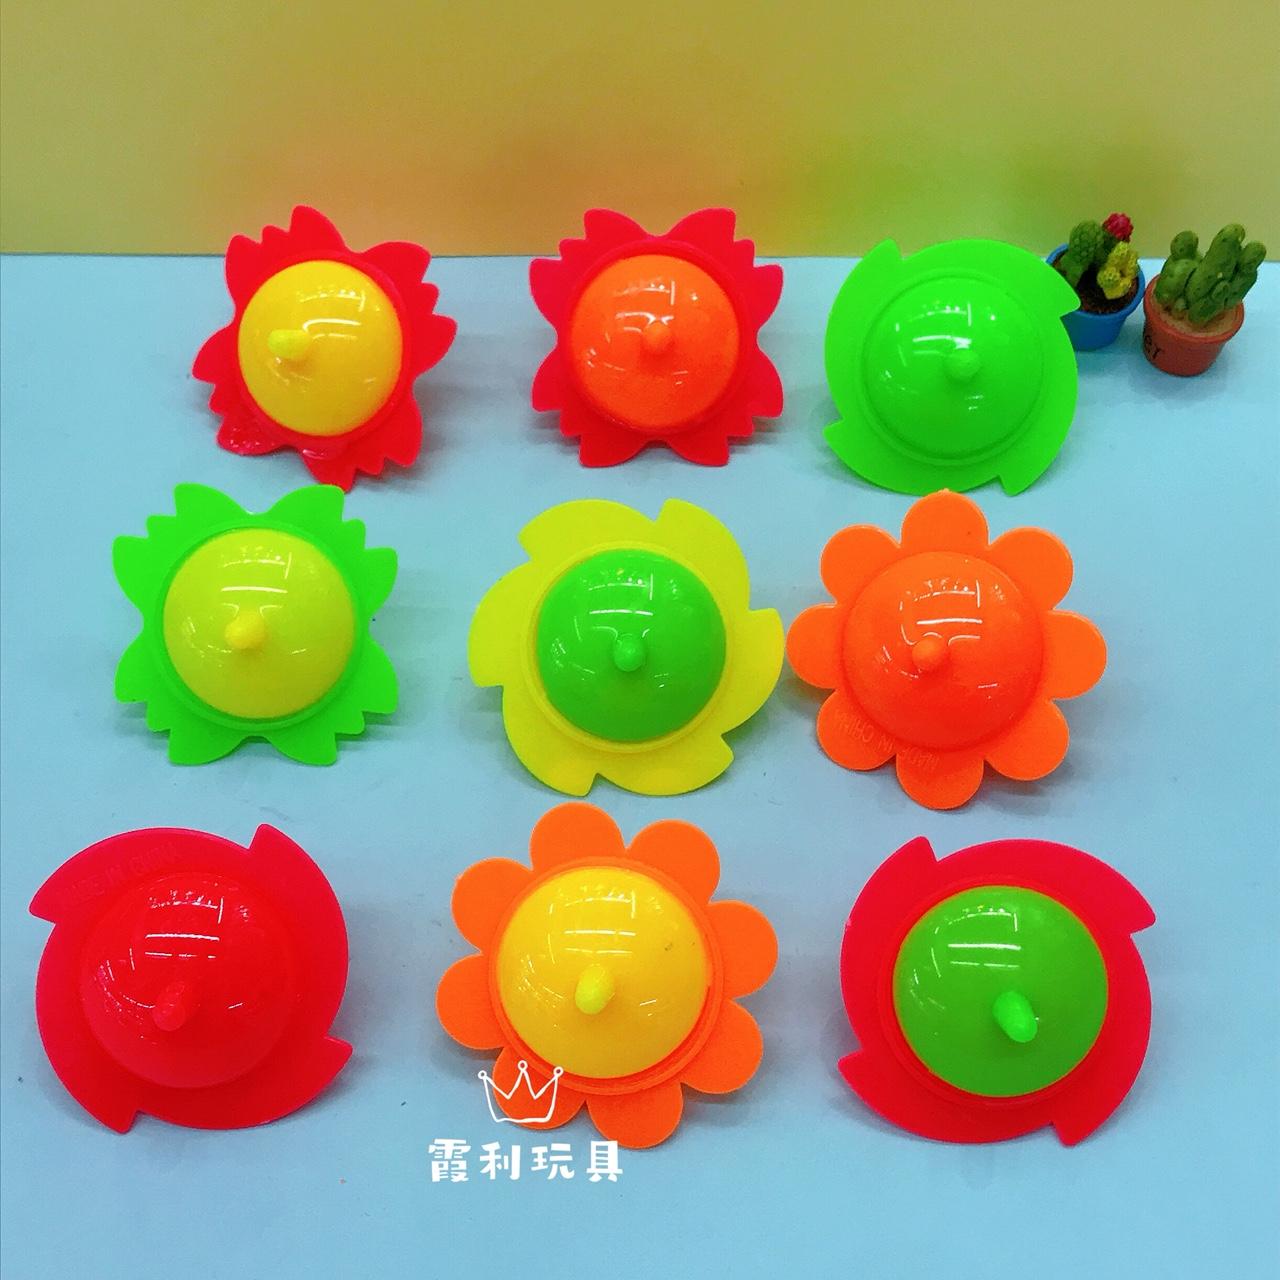 花地转 陀螺儿童塑料玩具 赠品 扭蛋